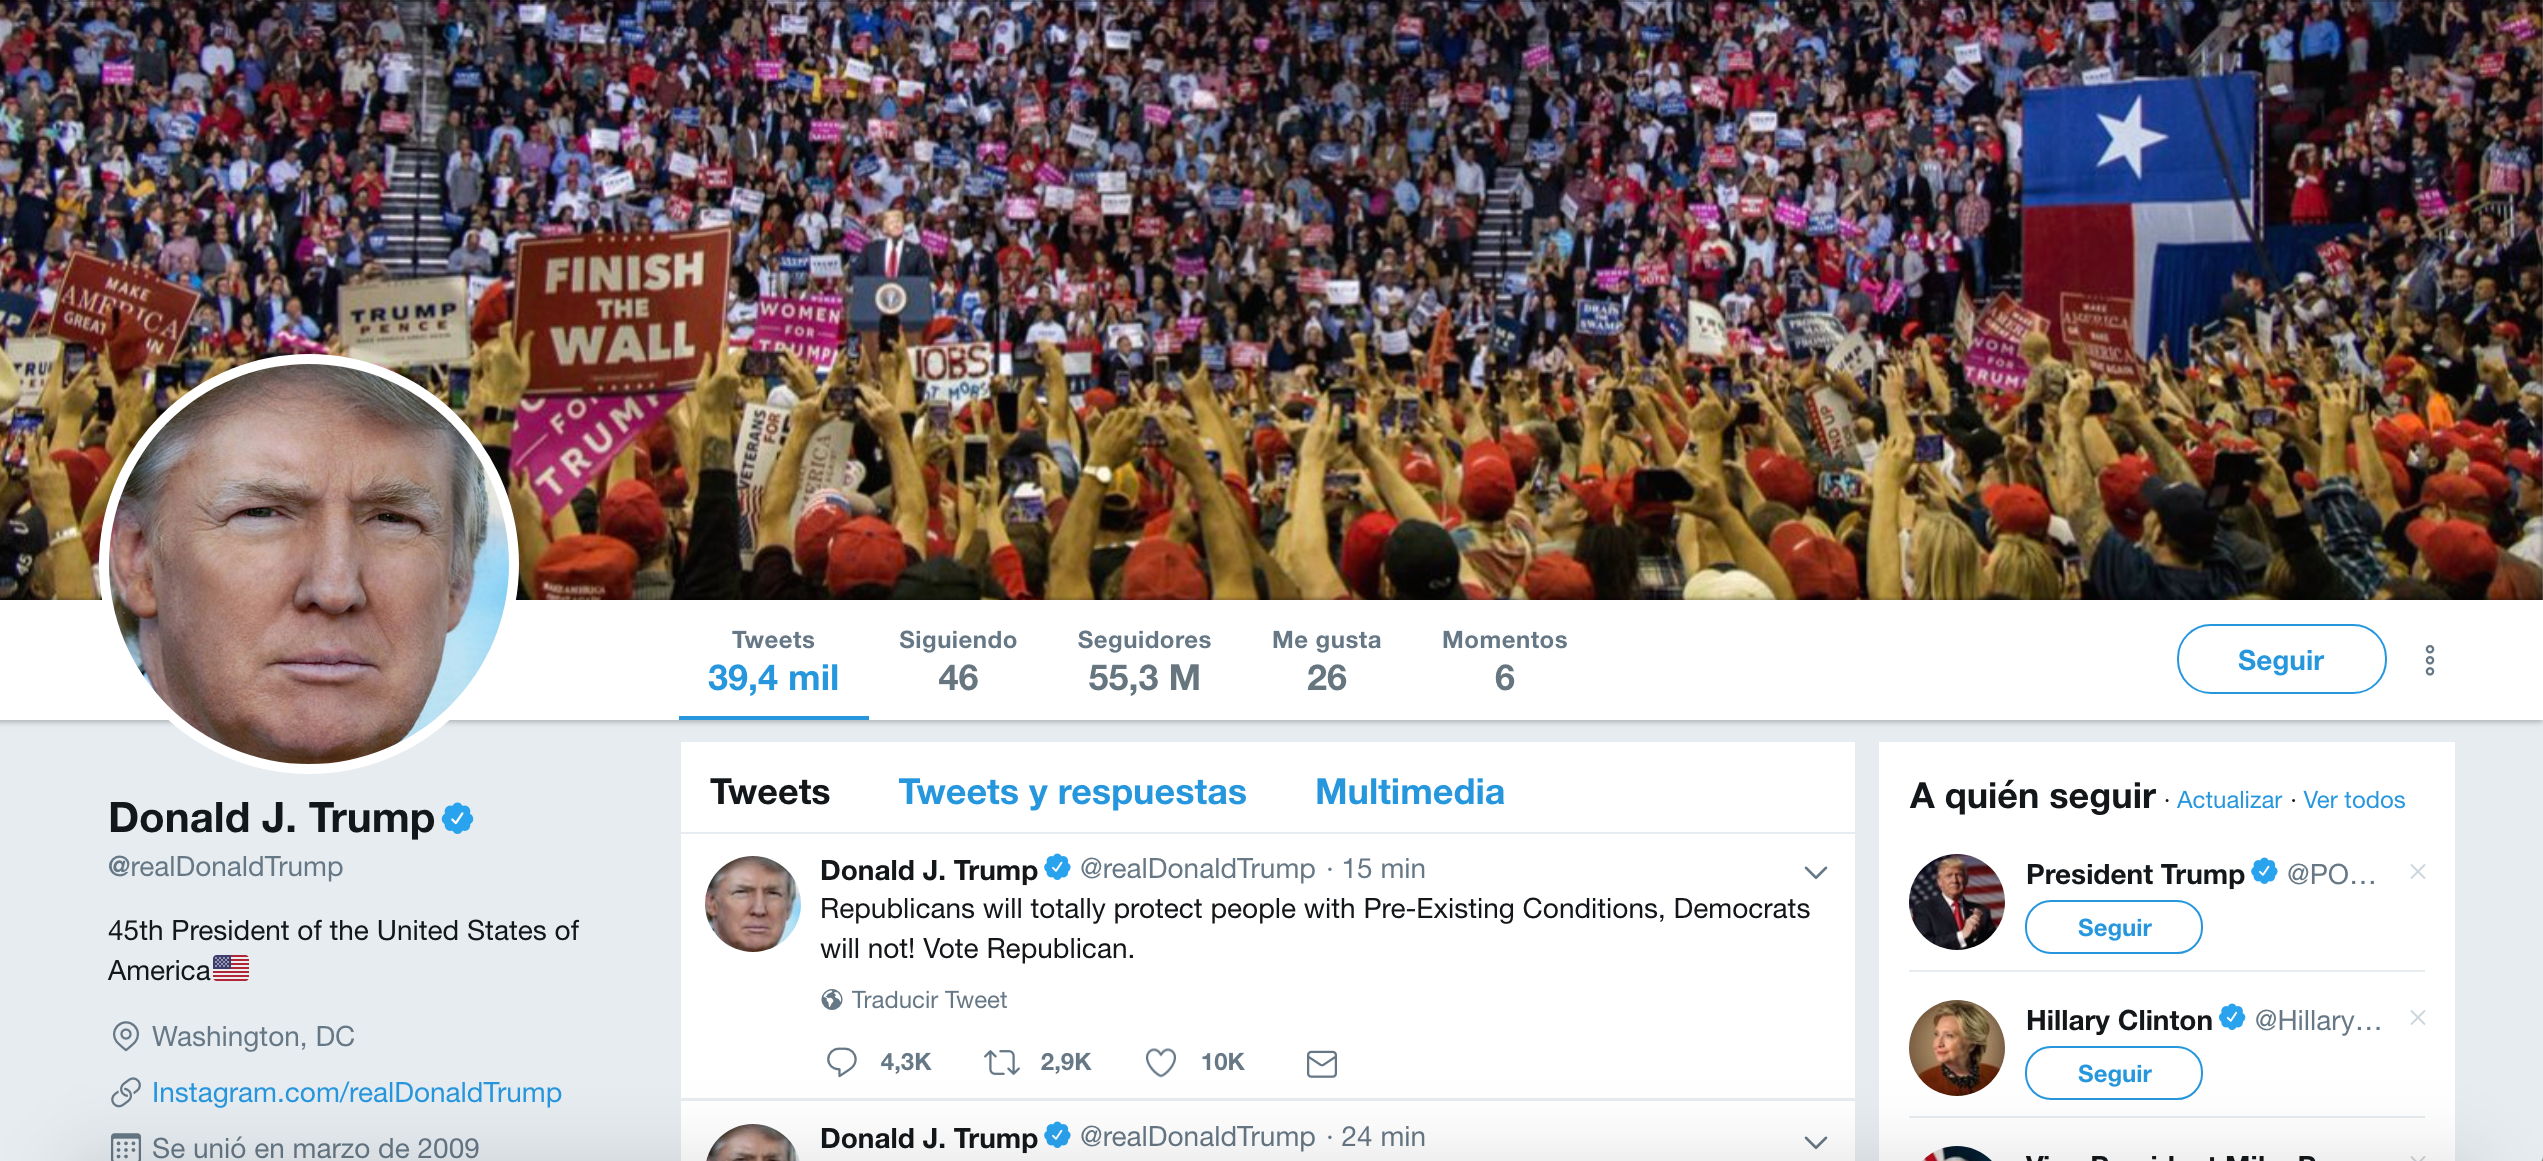 Ppolíticos influencers. Donald Trump